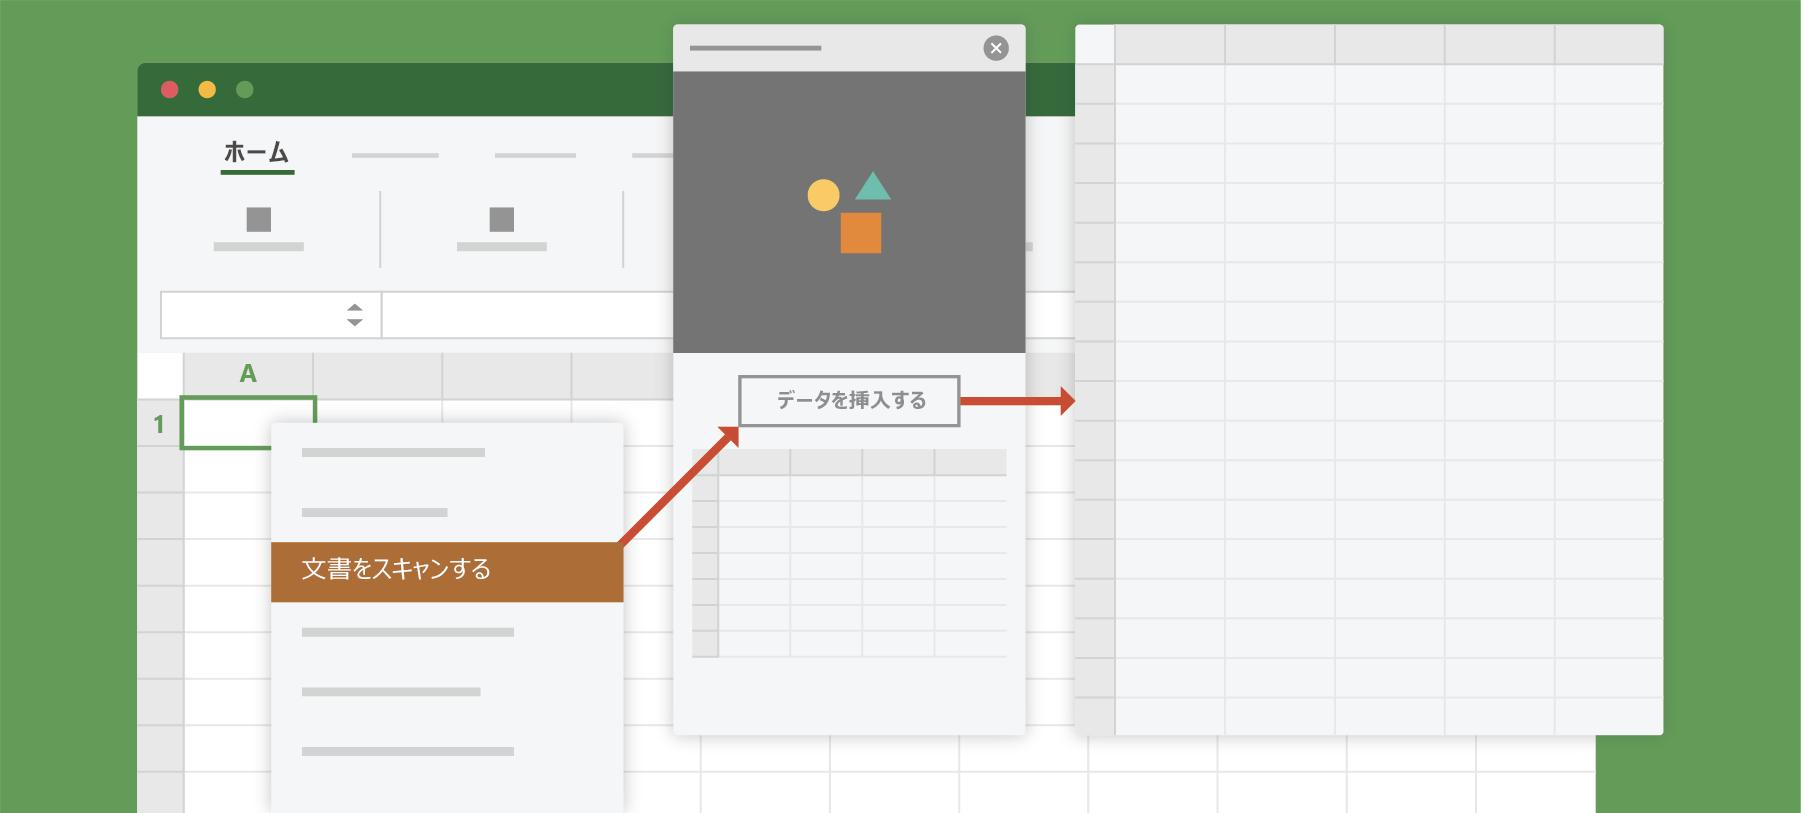 Excel で文書のスキャン オプションを表示する